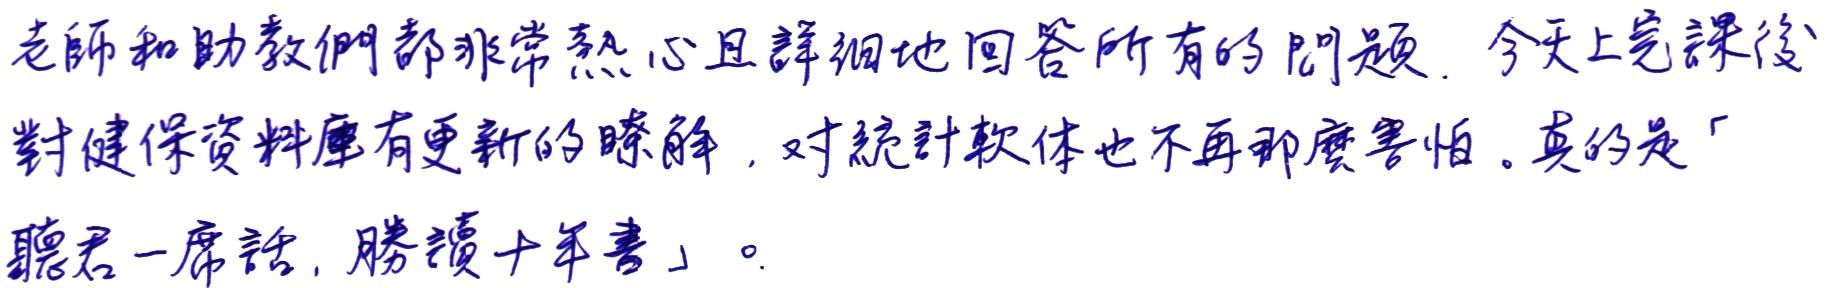 20161112_feedback_00002